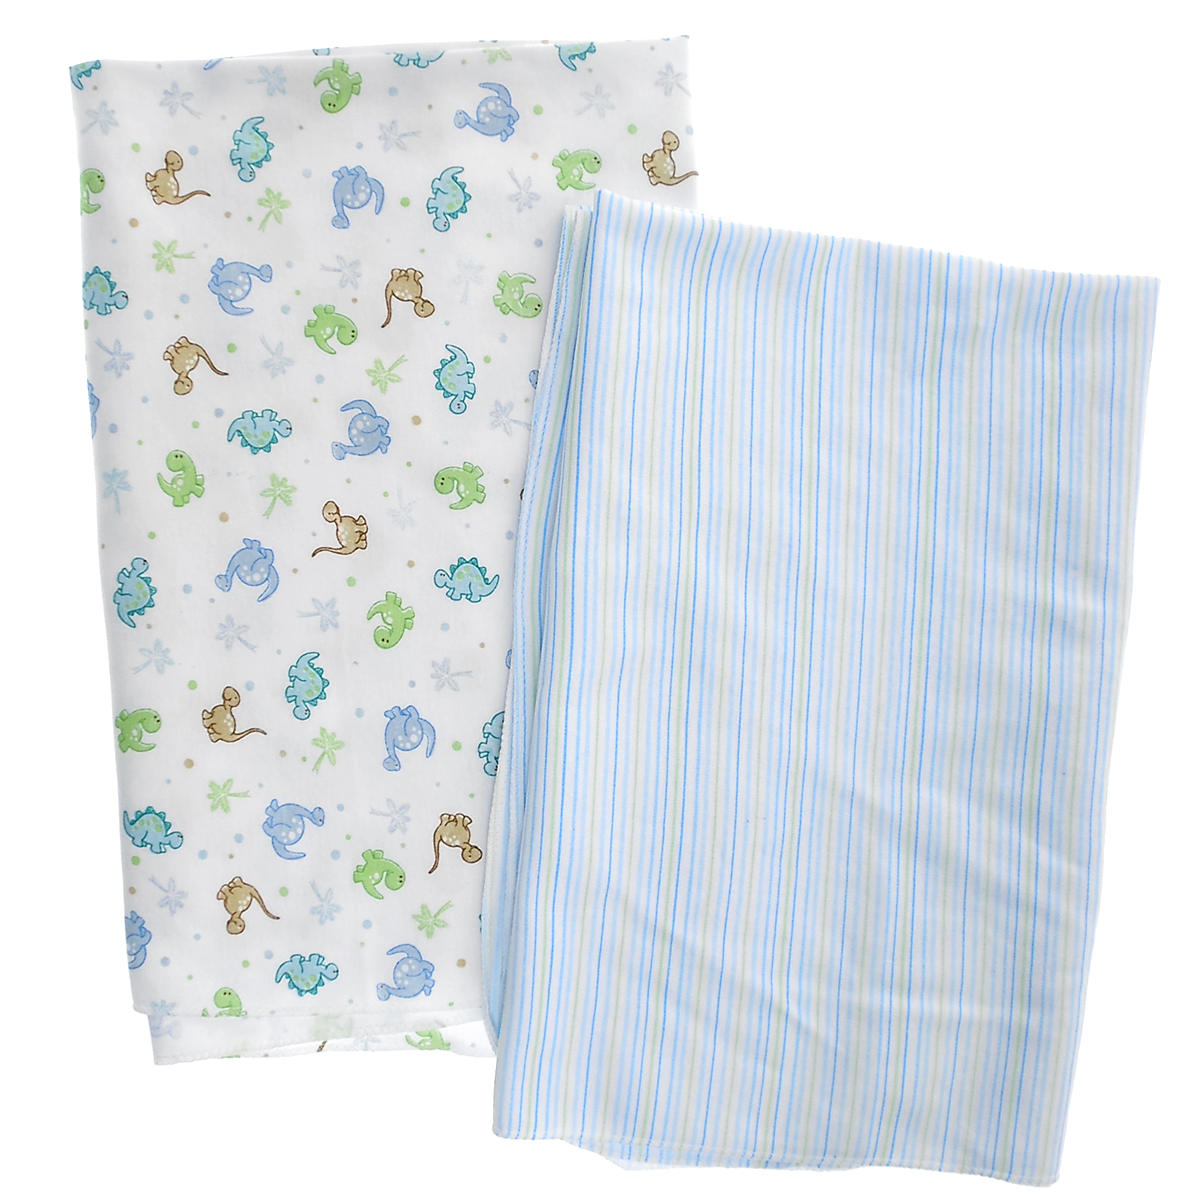 Набор пеленок Spasilk Дино, для мальчика, цвет: голубой, 76 см х 101 см, 2 шт